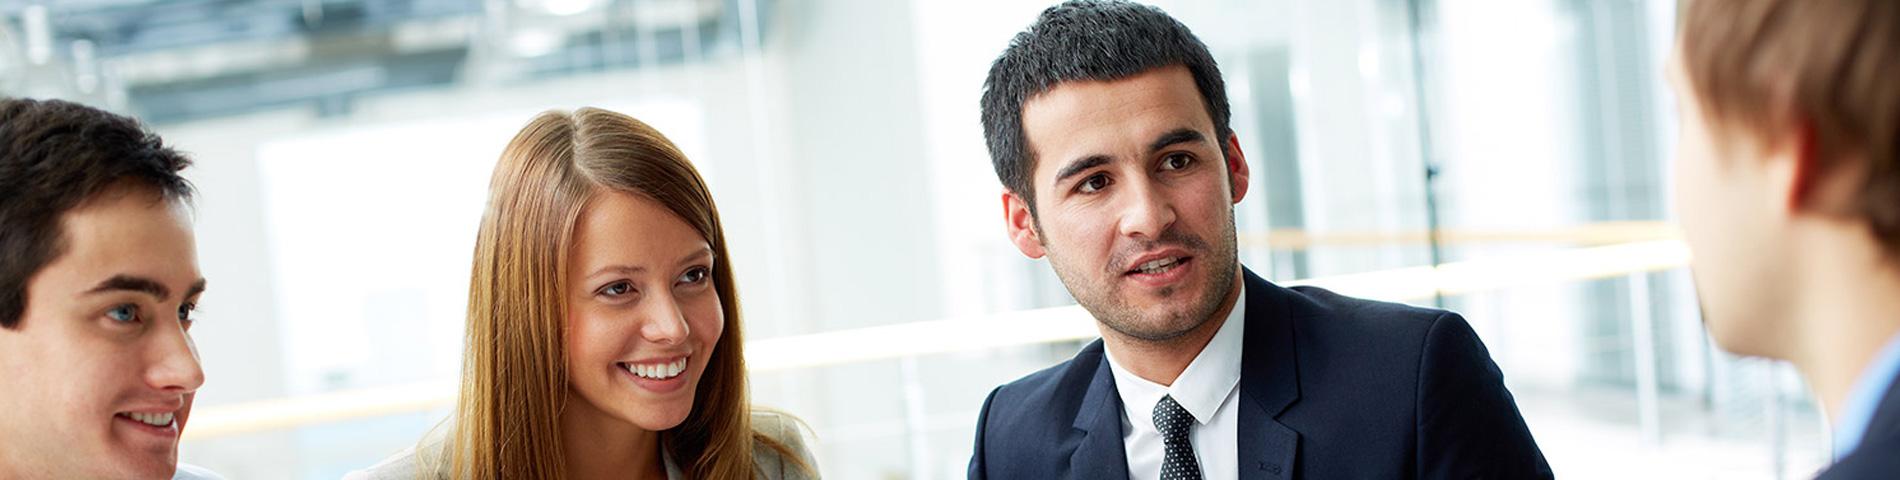 abcis-conseils-management-entreprenariat